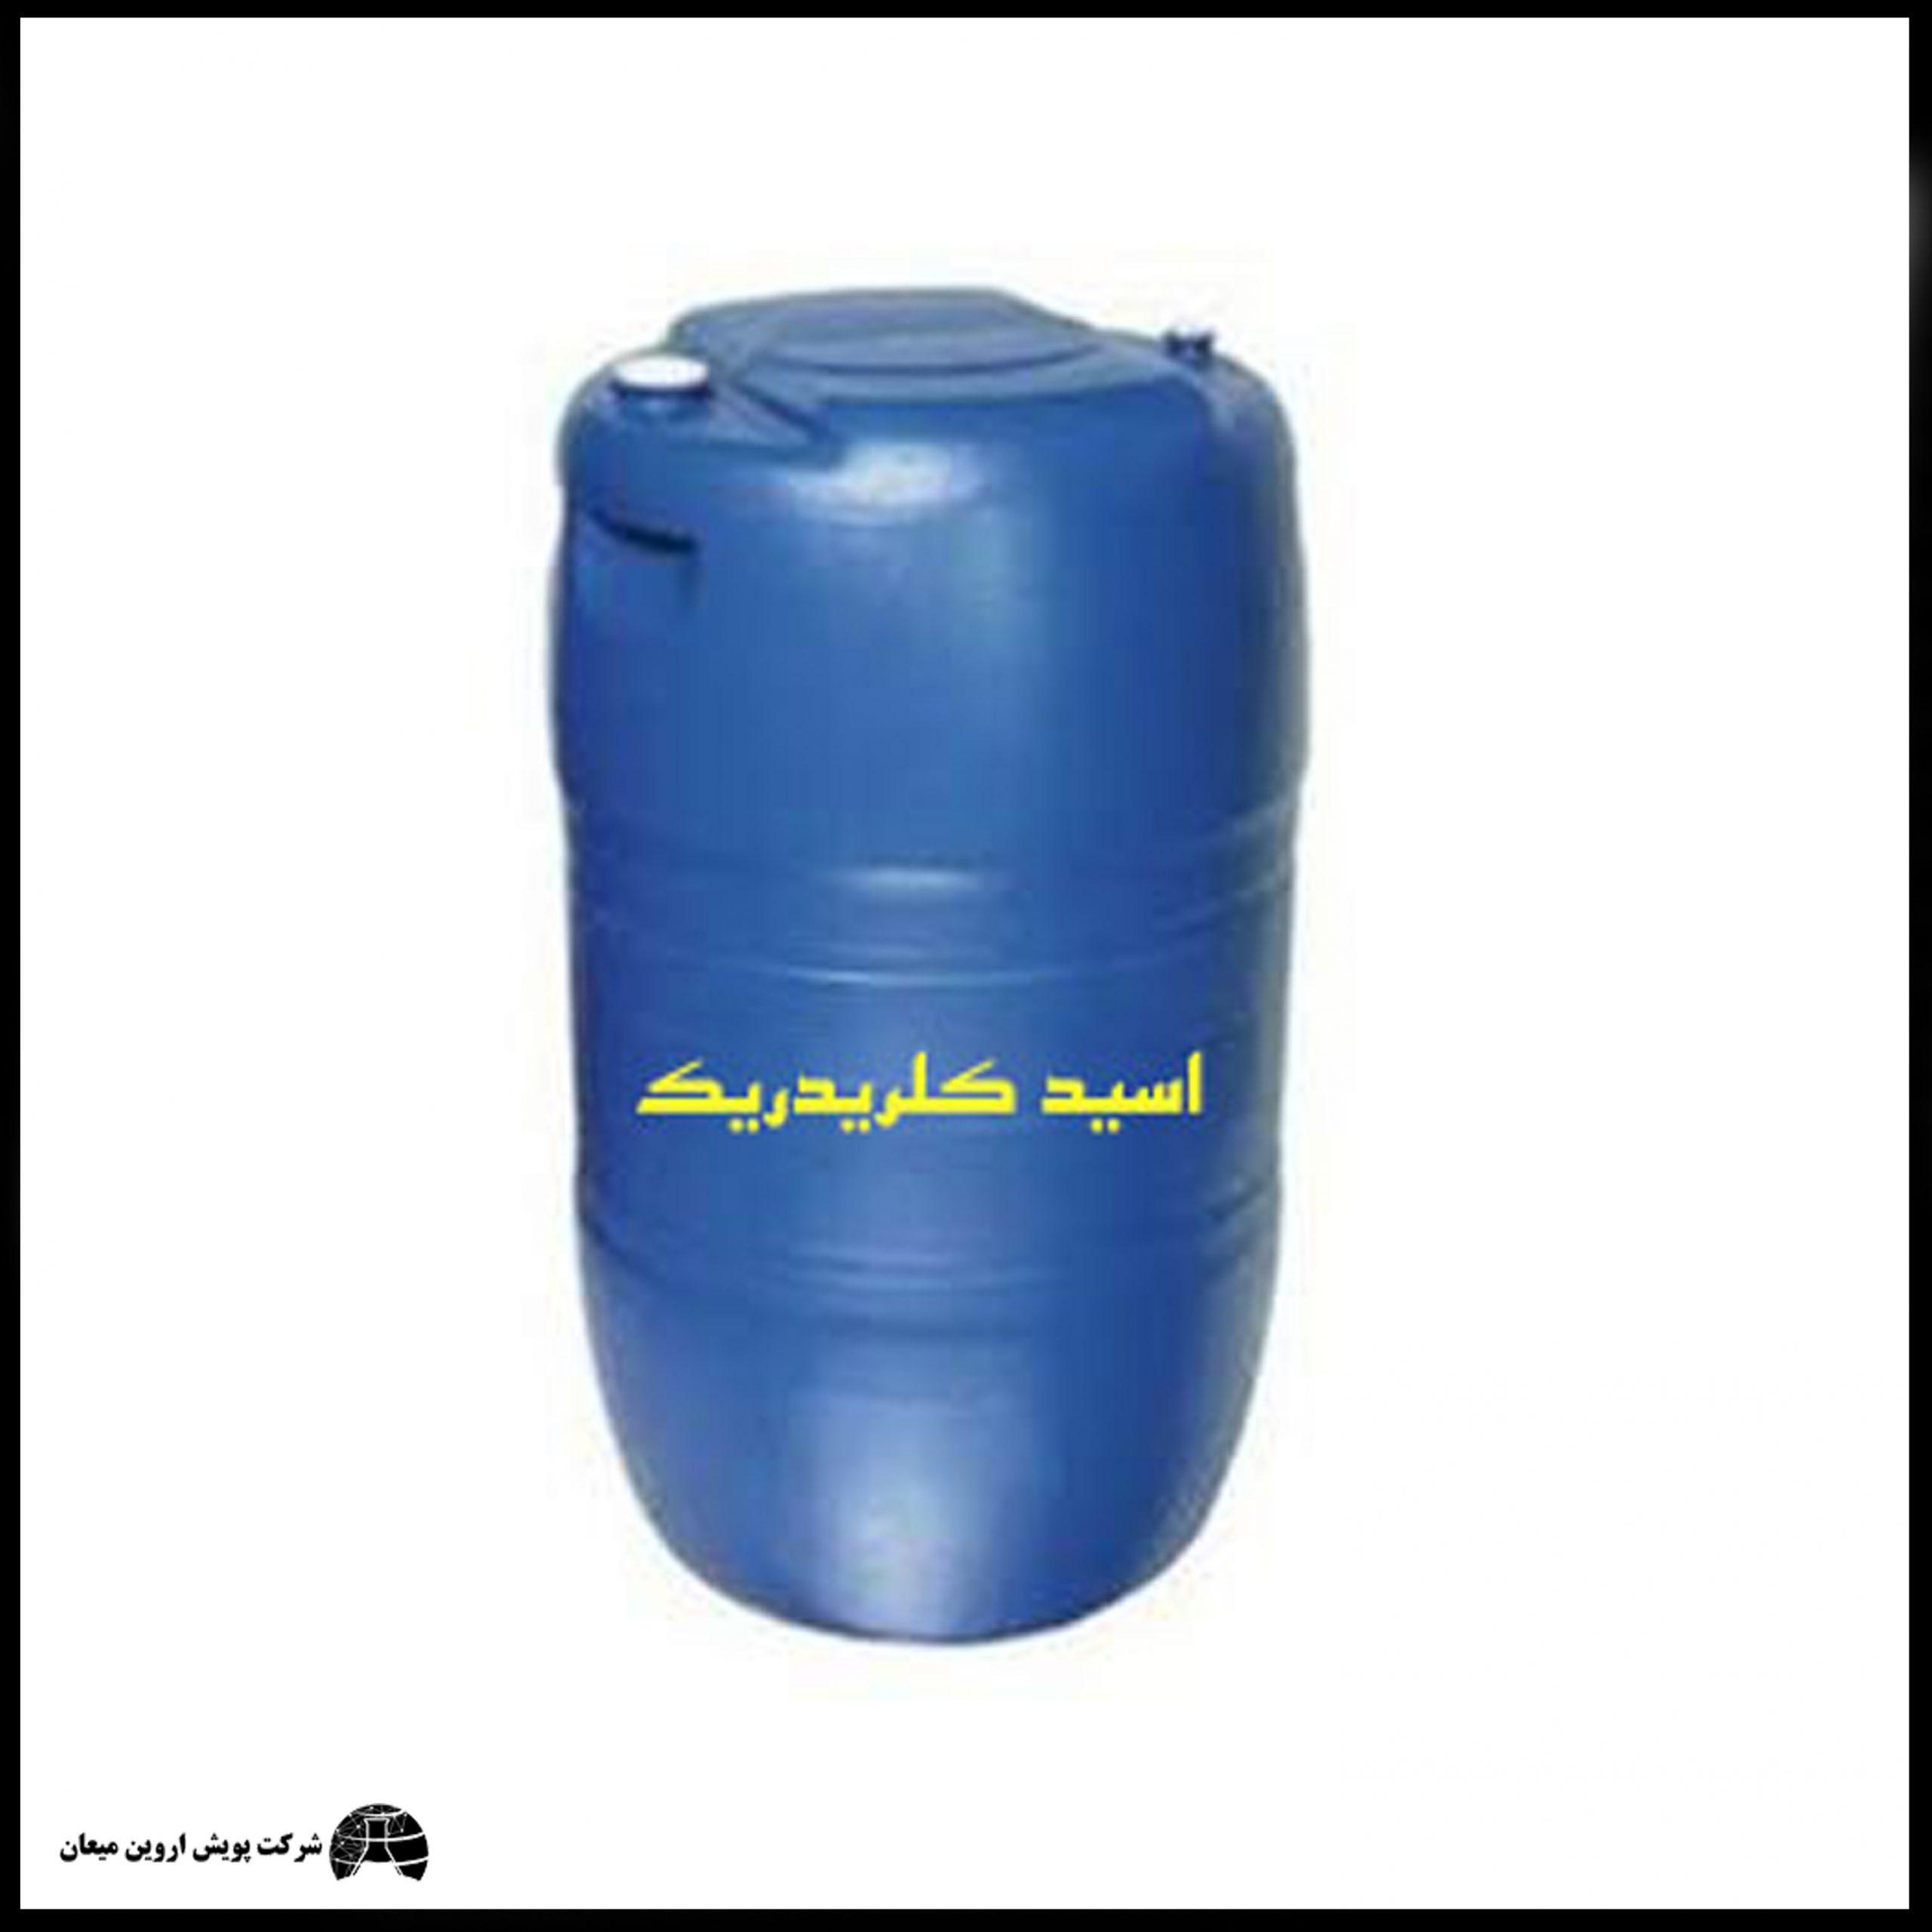 اسید کلریدریک, اسید کلریدریک فله، مواد اولیه جوهر نمک, جوهر نمک